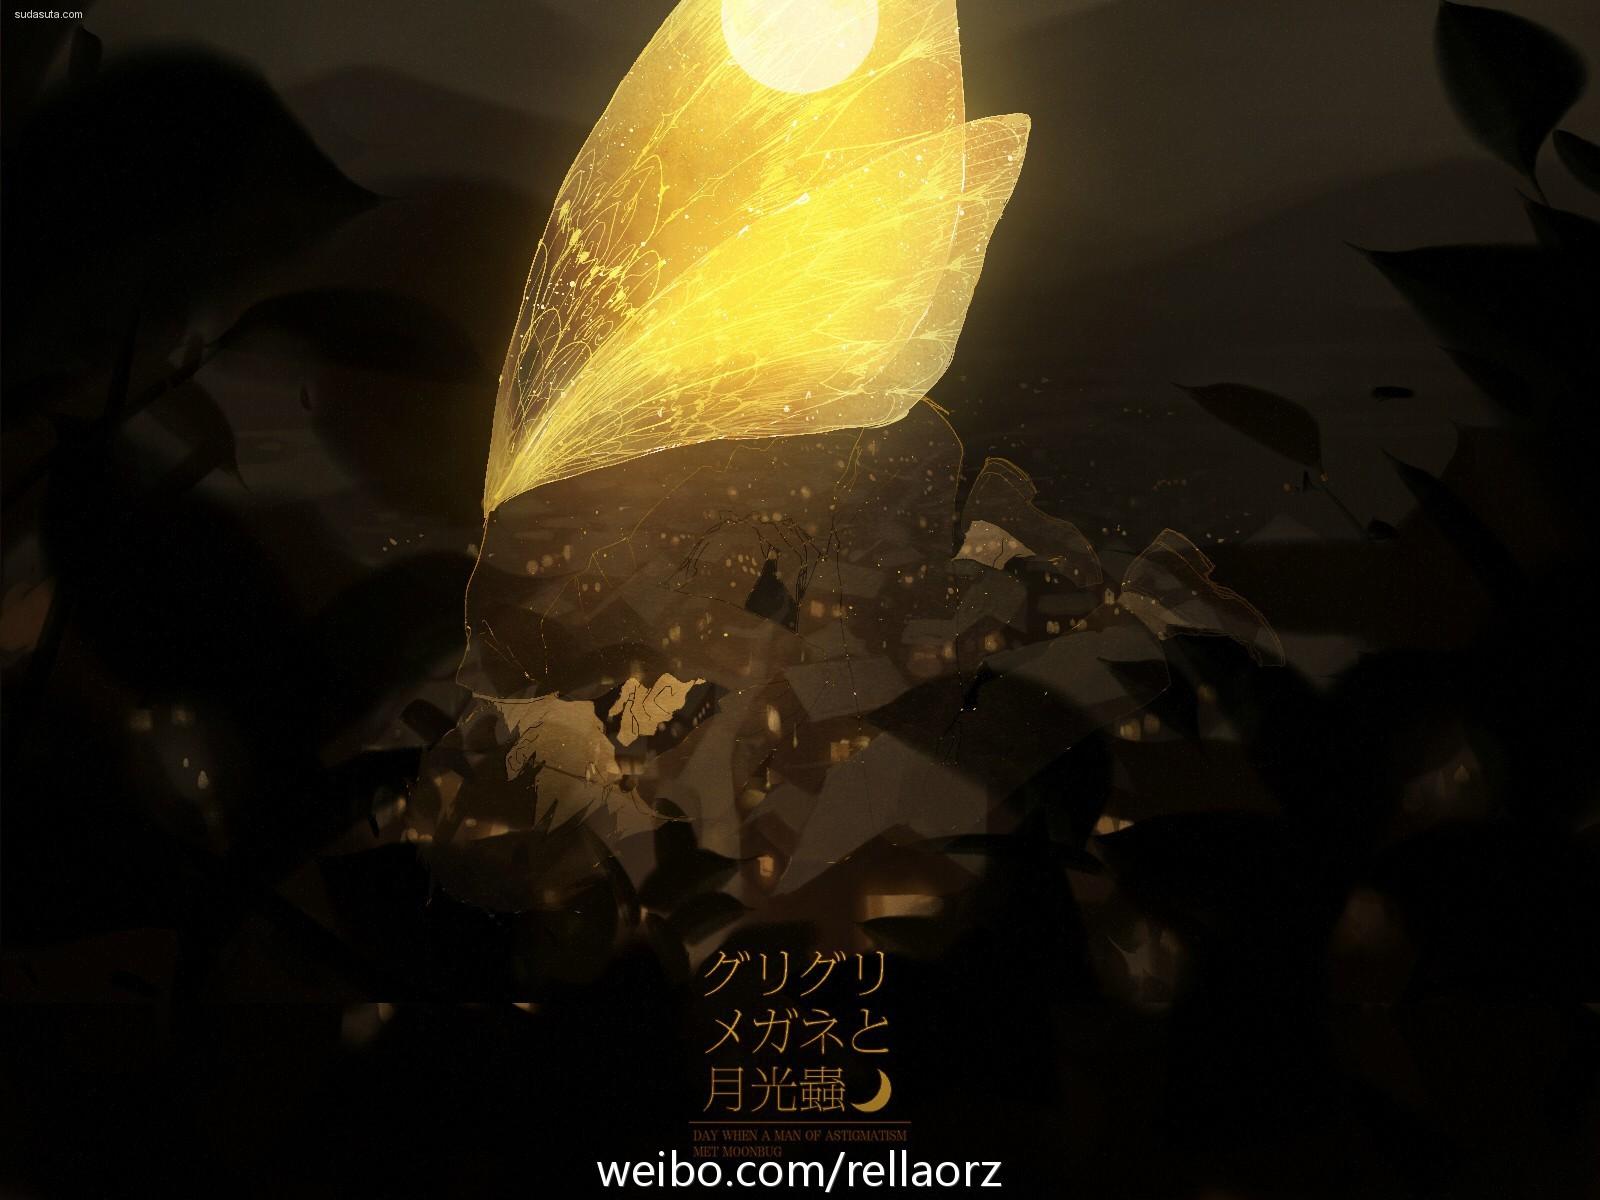 Rellakinoko 插画作品欣赏